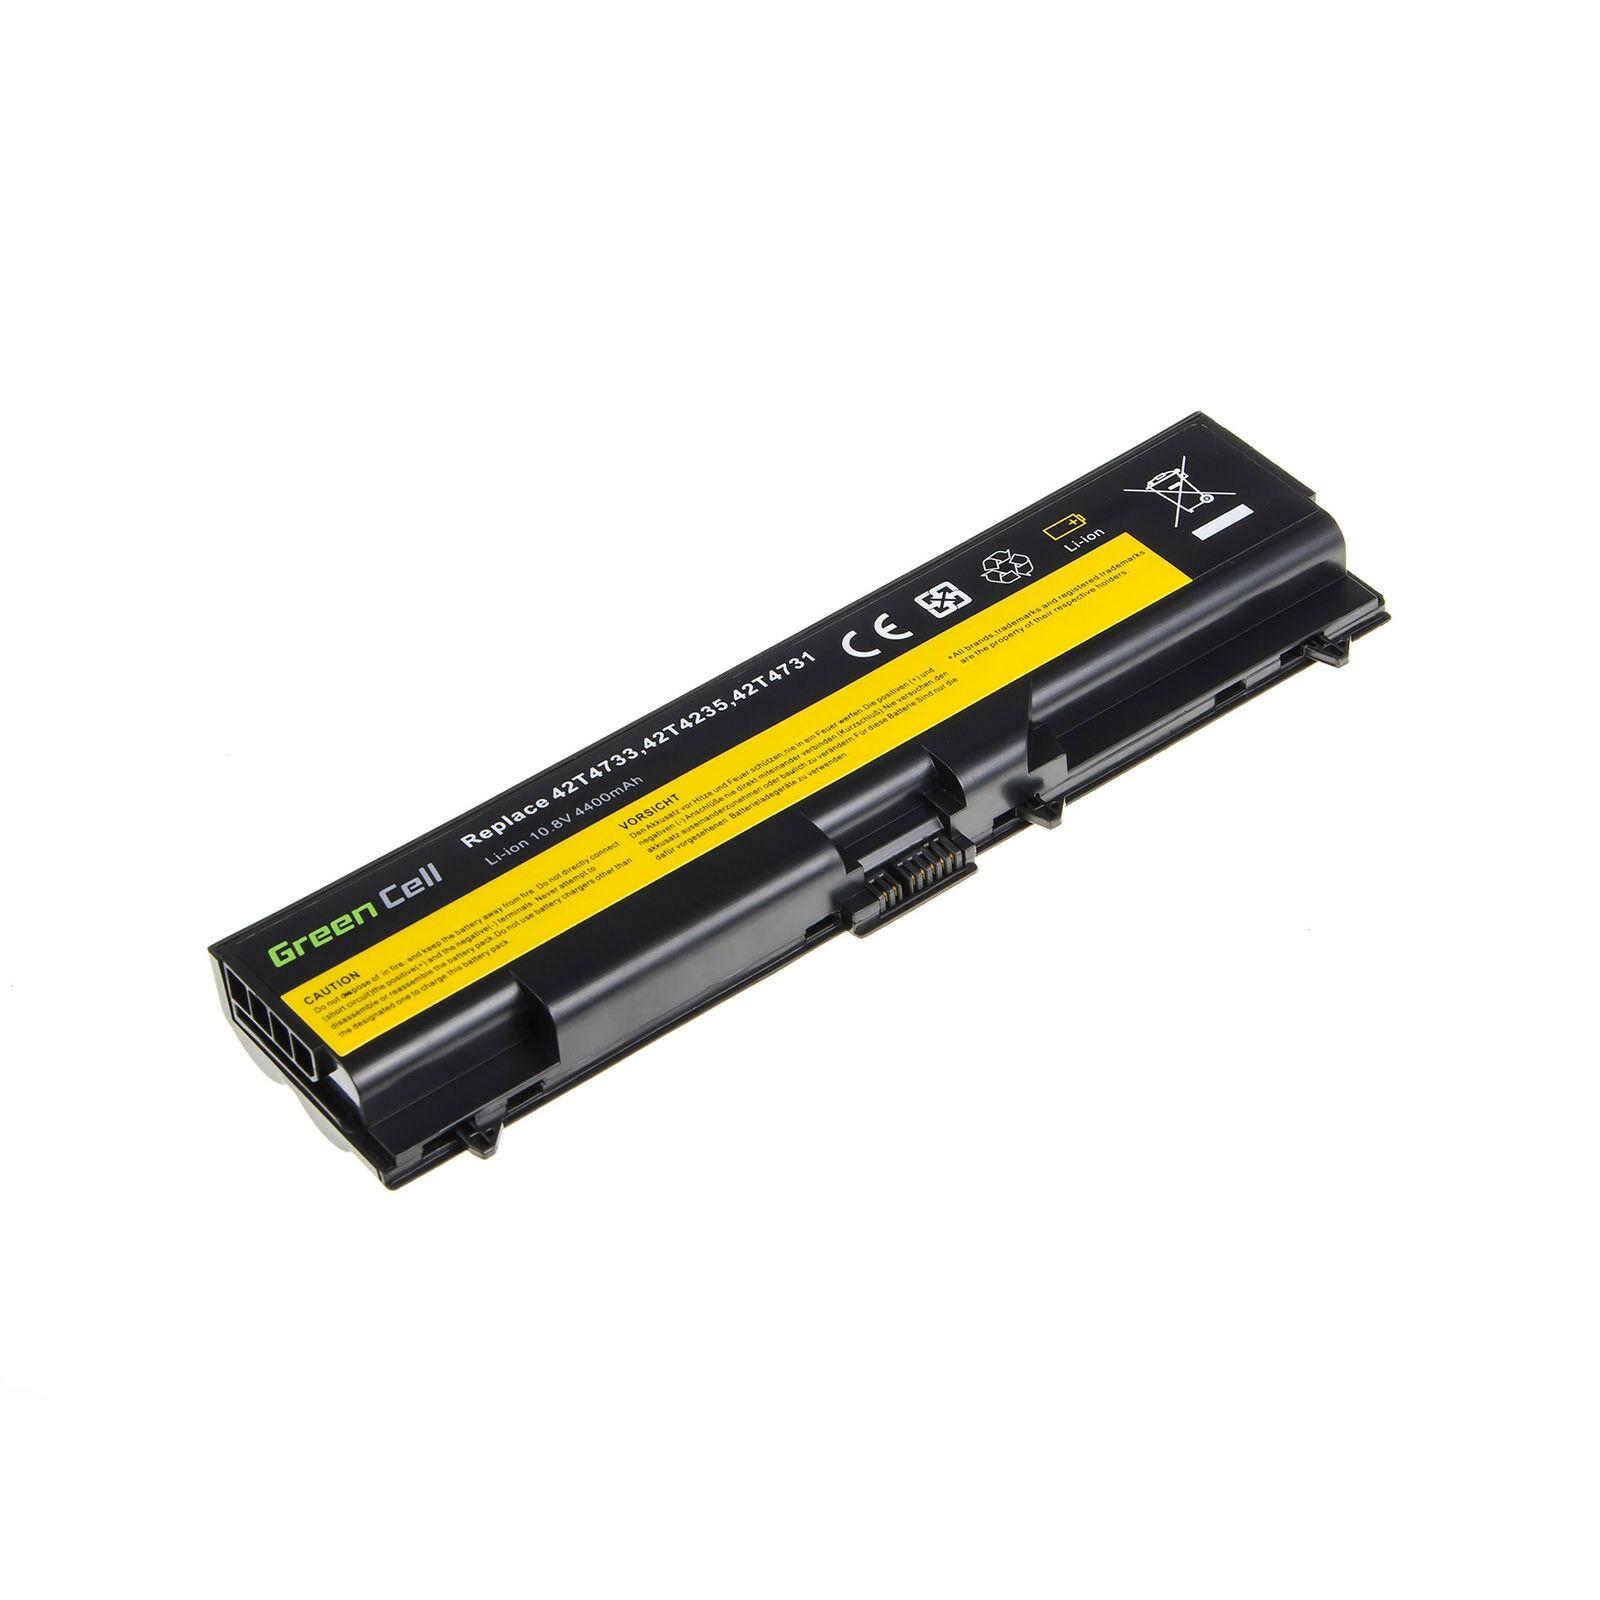 LENOVO THINKPAD L430 T430 L530 T530 T530I W530 45N1001 45N1011(kompatibelt batteri)